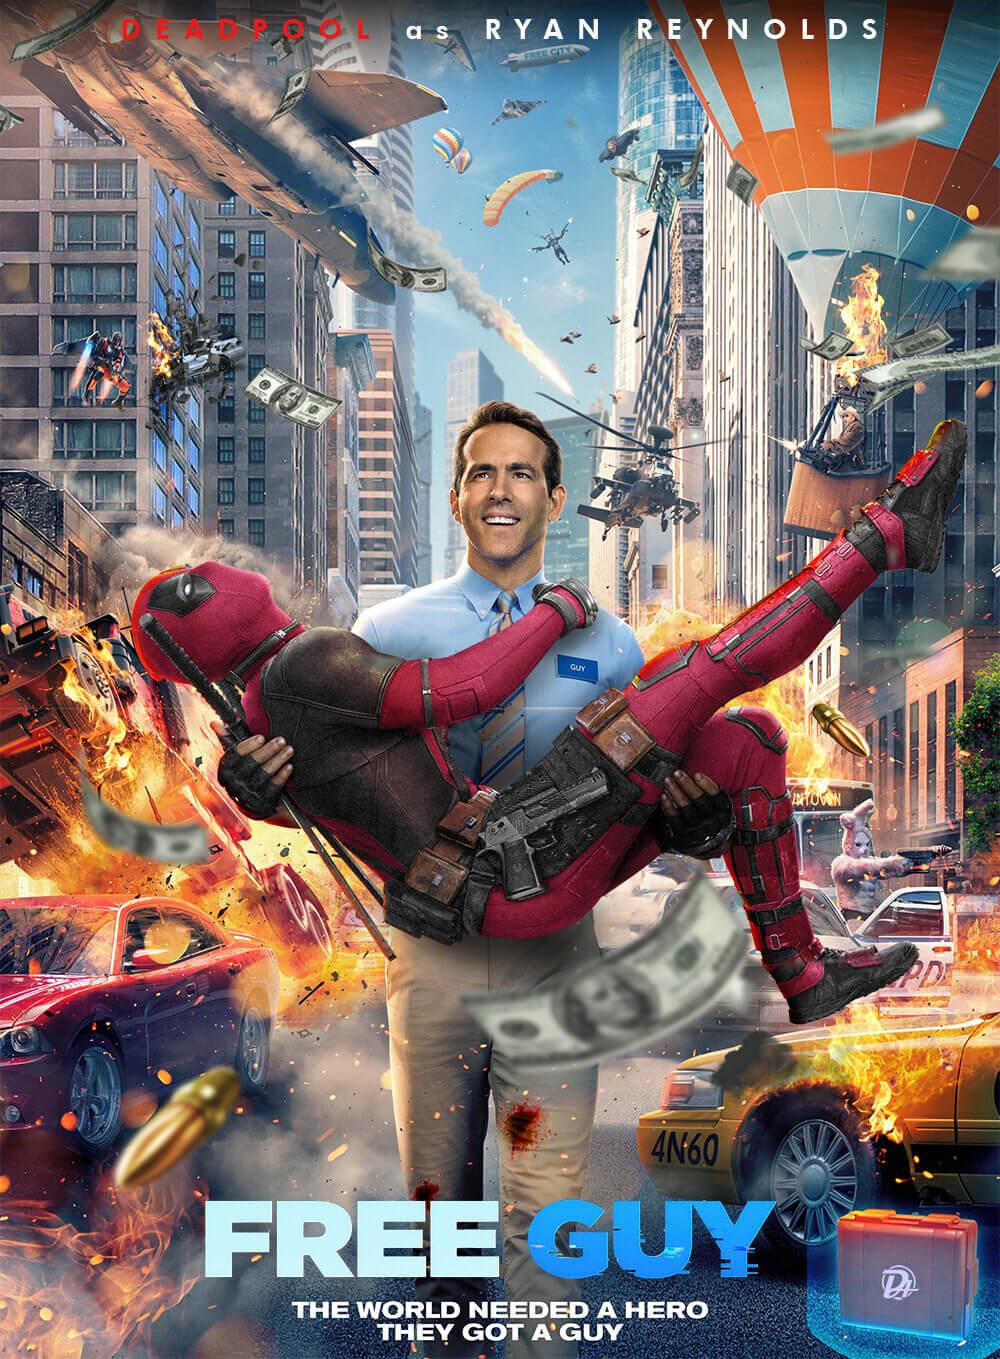 Free-Guy-Deadpool-as-Ryan-Reynolds-1.jpg